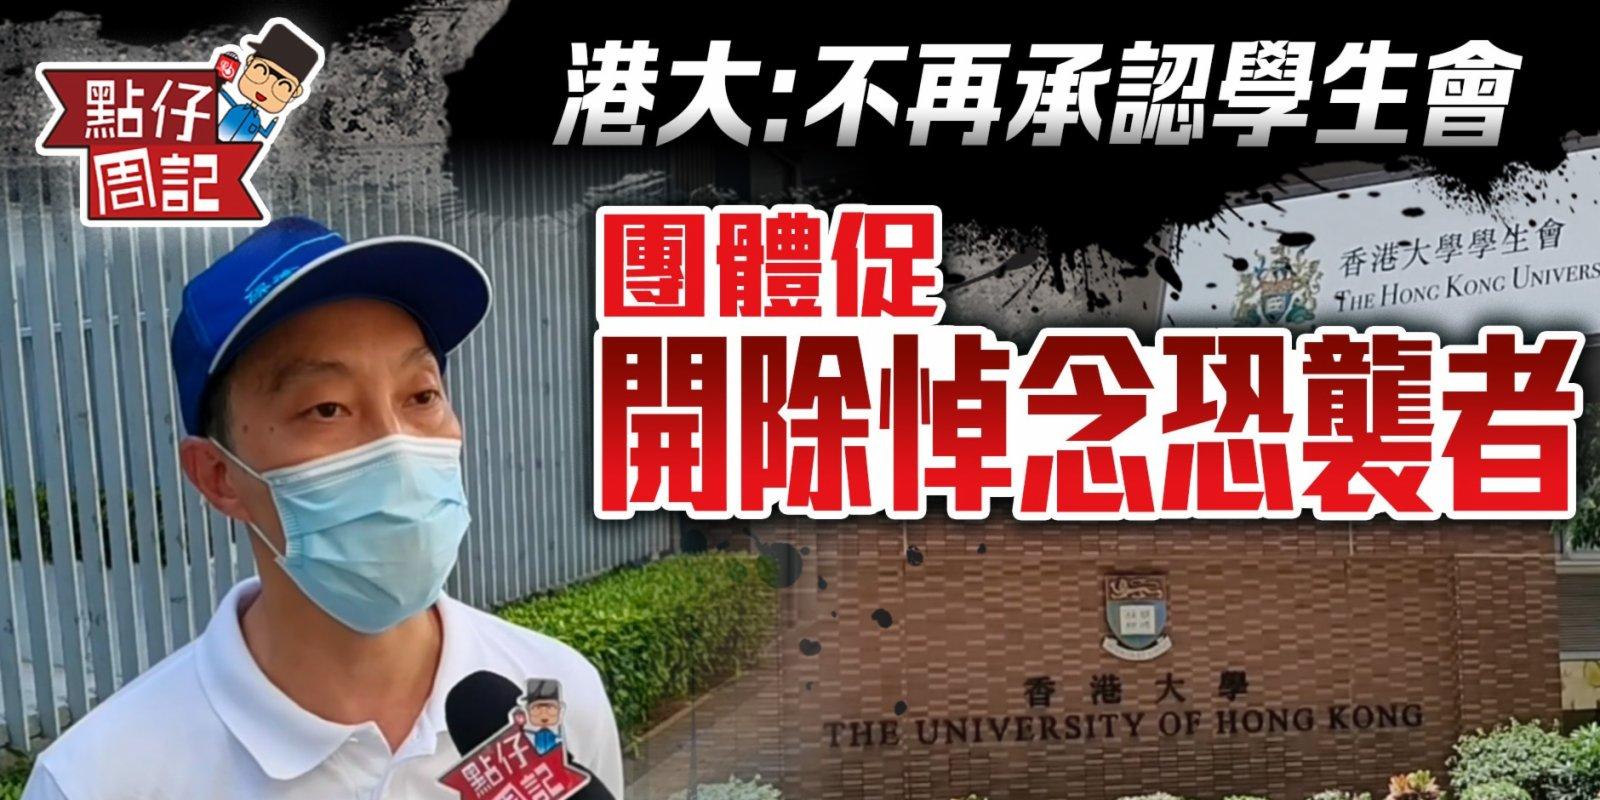 【點仔周記】港大:不再承認學生會 團體促開除悼念恐襲者